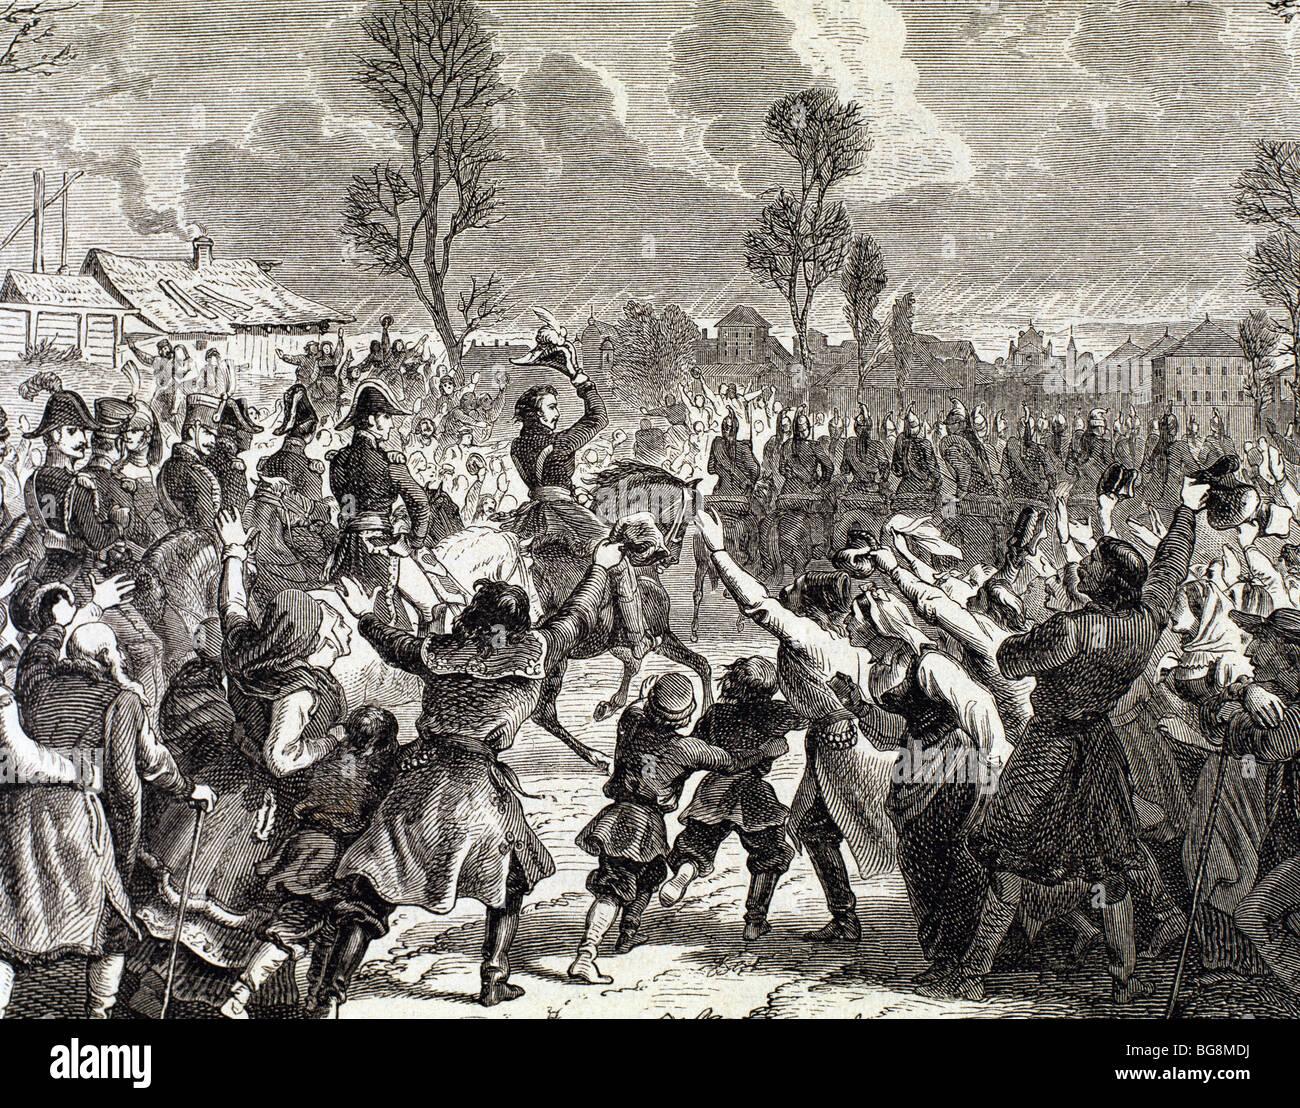 Las guerras napoleónicas. El entusiasmo de los polacos tras la llegada de las tropas francesas a Varsovia. Grabado. Foto de stock